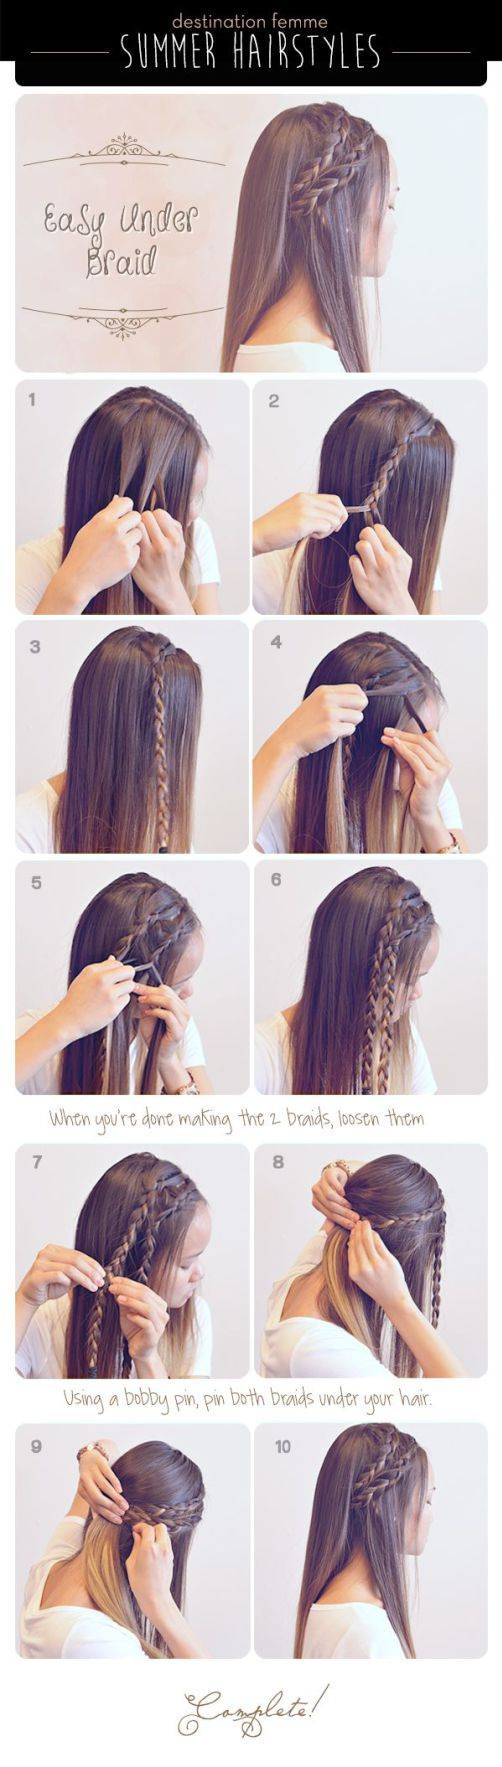 Adorable Braided Hairstyle Tutorial for Long Hair medium hair